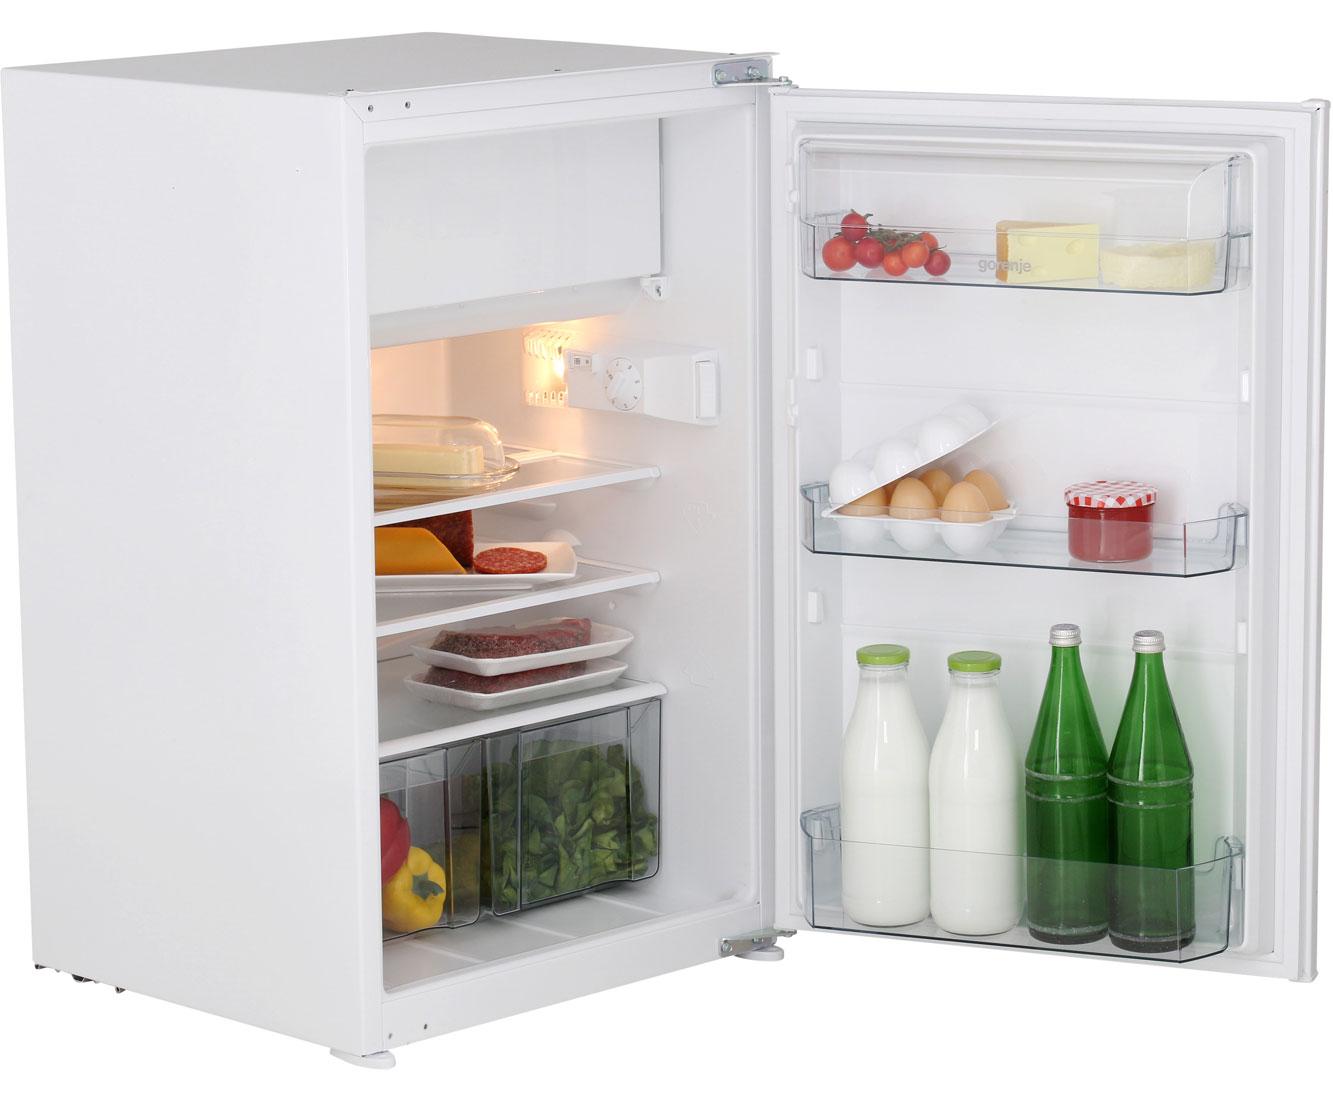 Smeg Kühlschrank Rafaello : Kühlschrank klein 23 einzug smeg kühlschrank klein buenrato